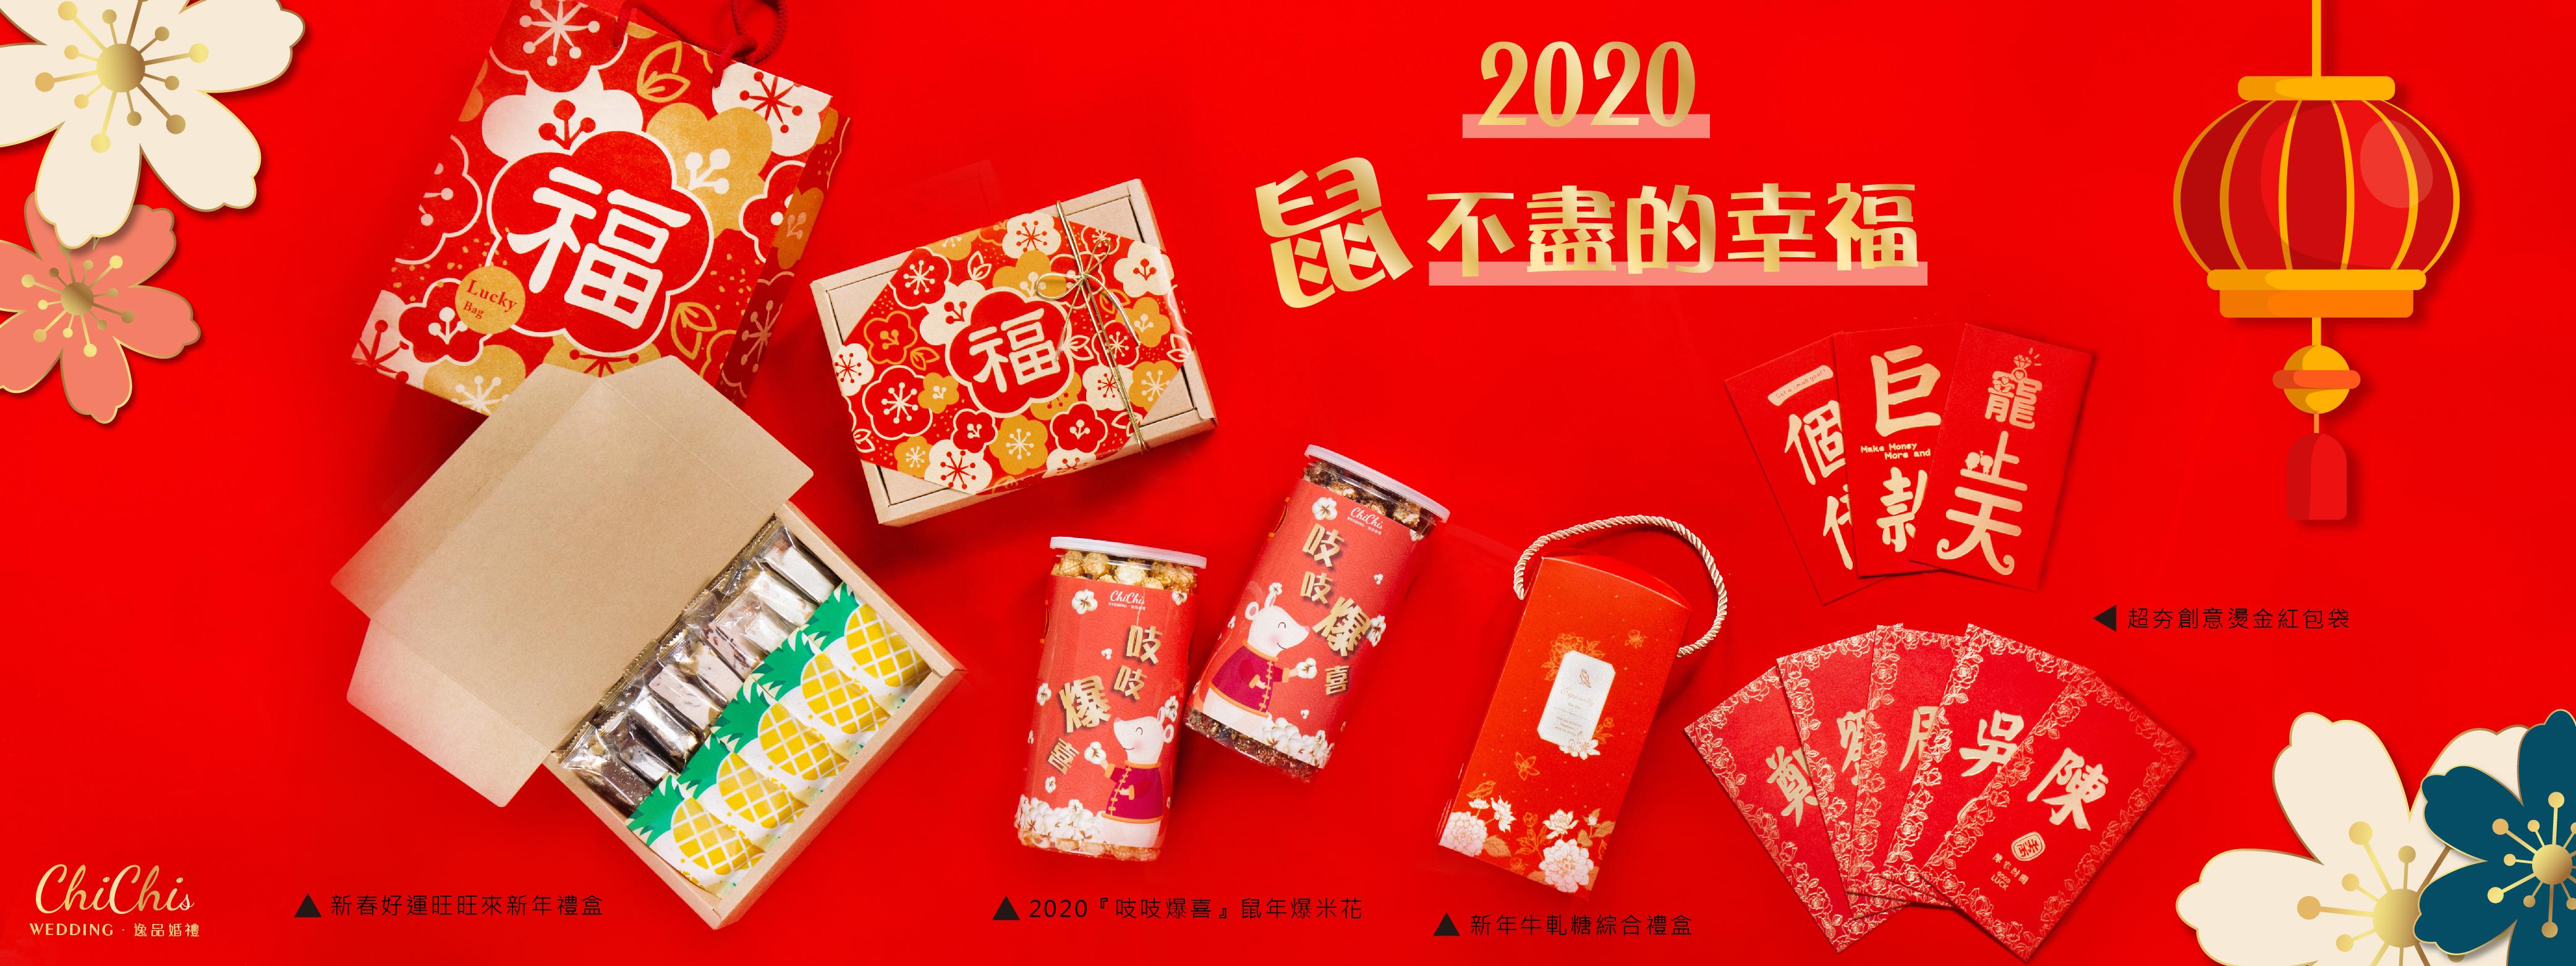 新年/中式婚禮